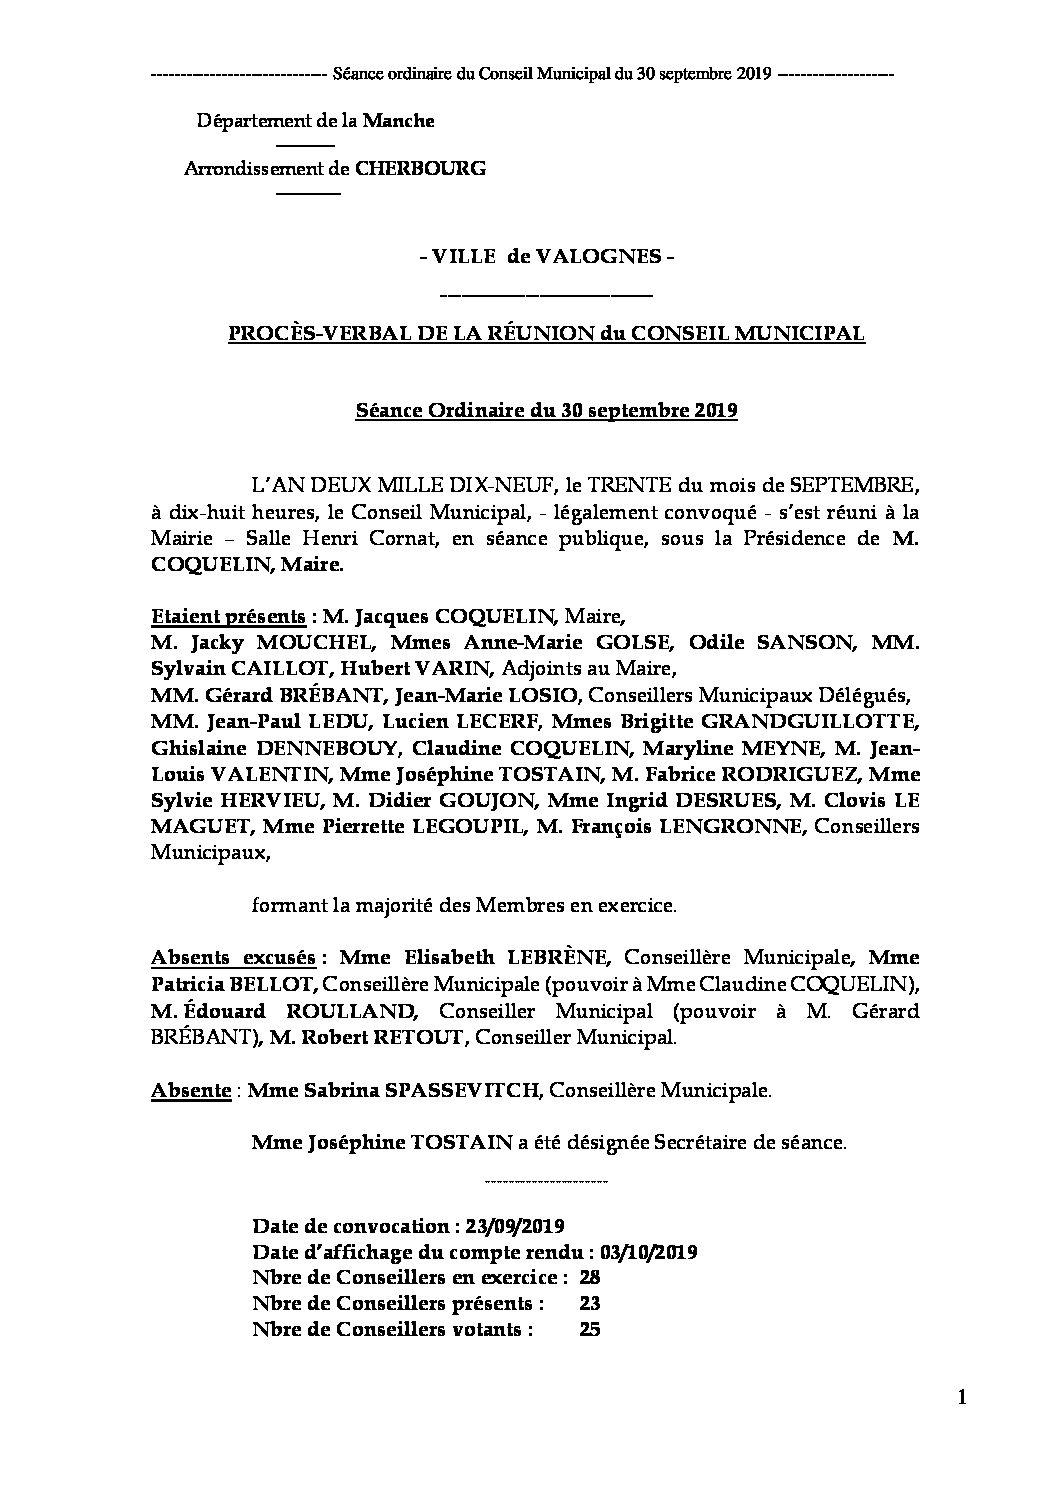 Procès-verbal de séance du CM du 30 09 19 - Procès-verbal de la réunion du Conseil Municipal du 30 septembre 2019, approuvé à l